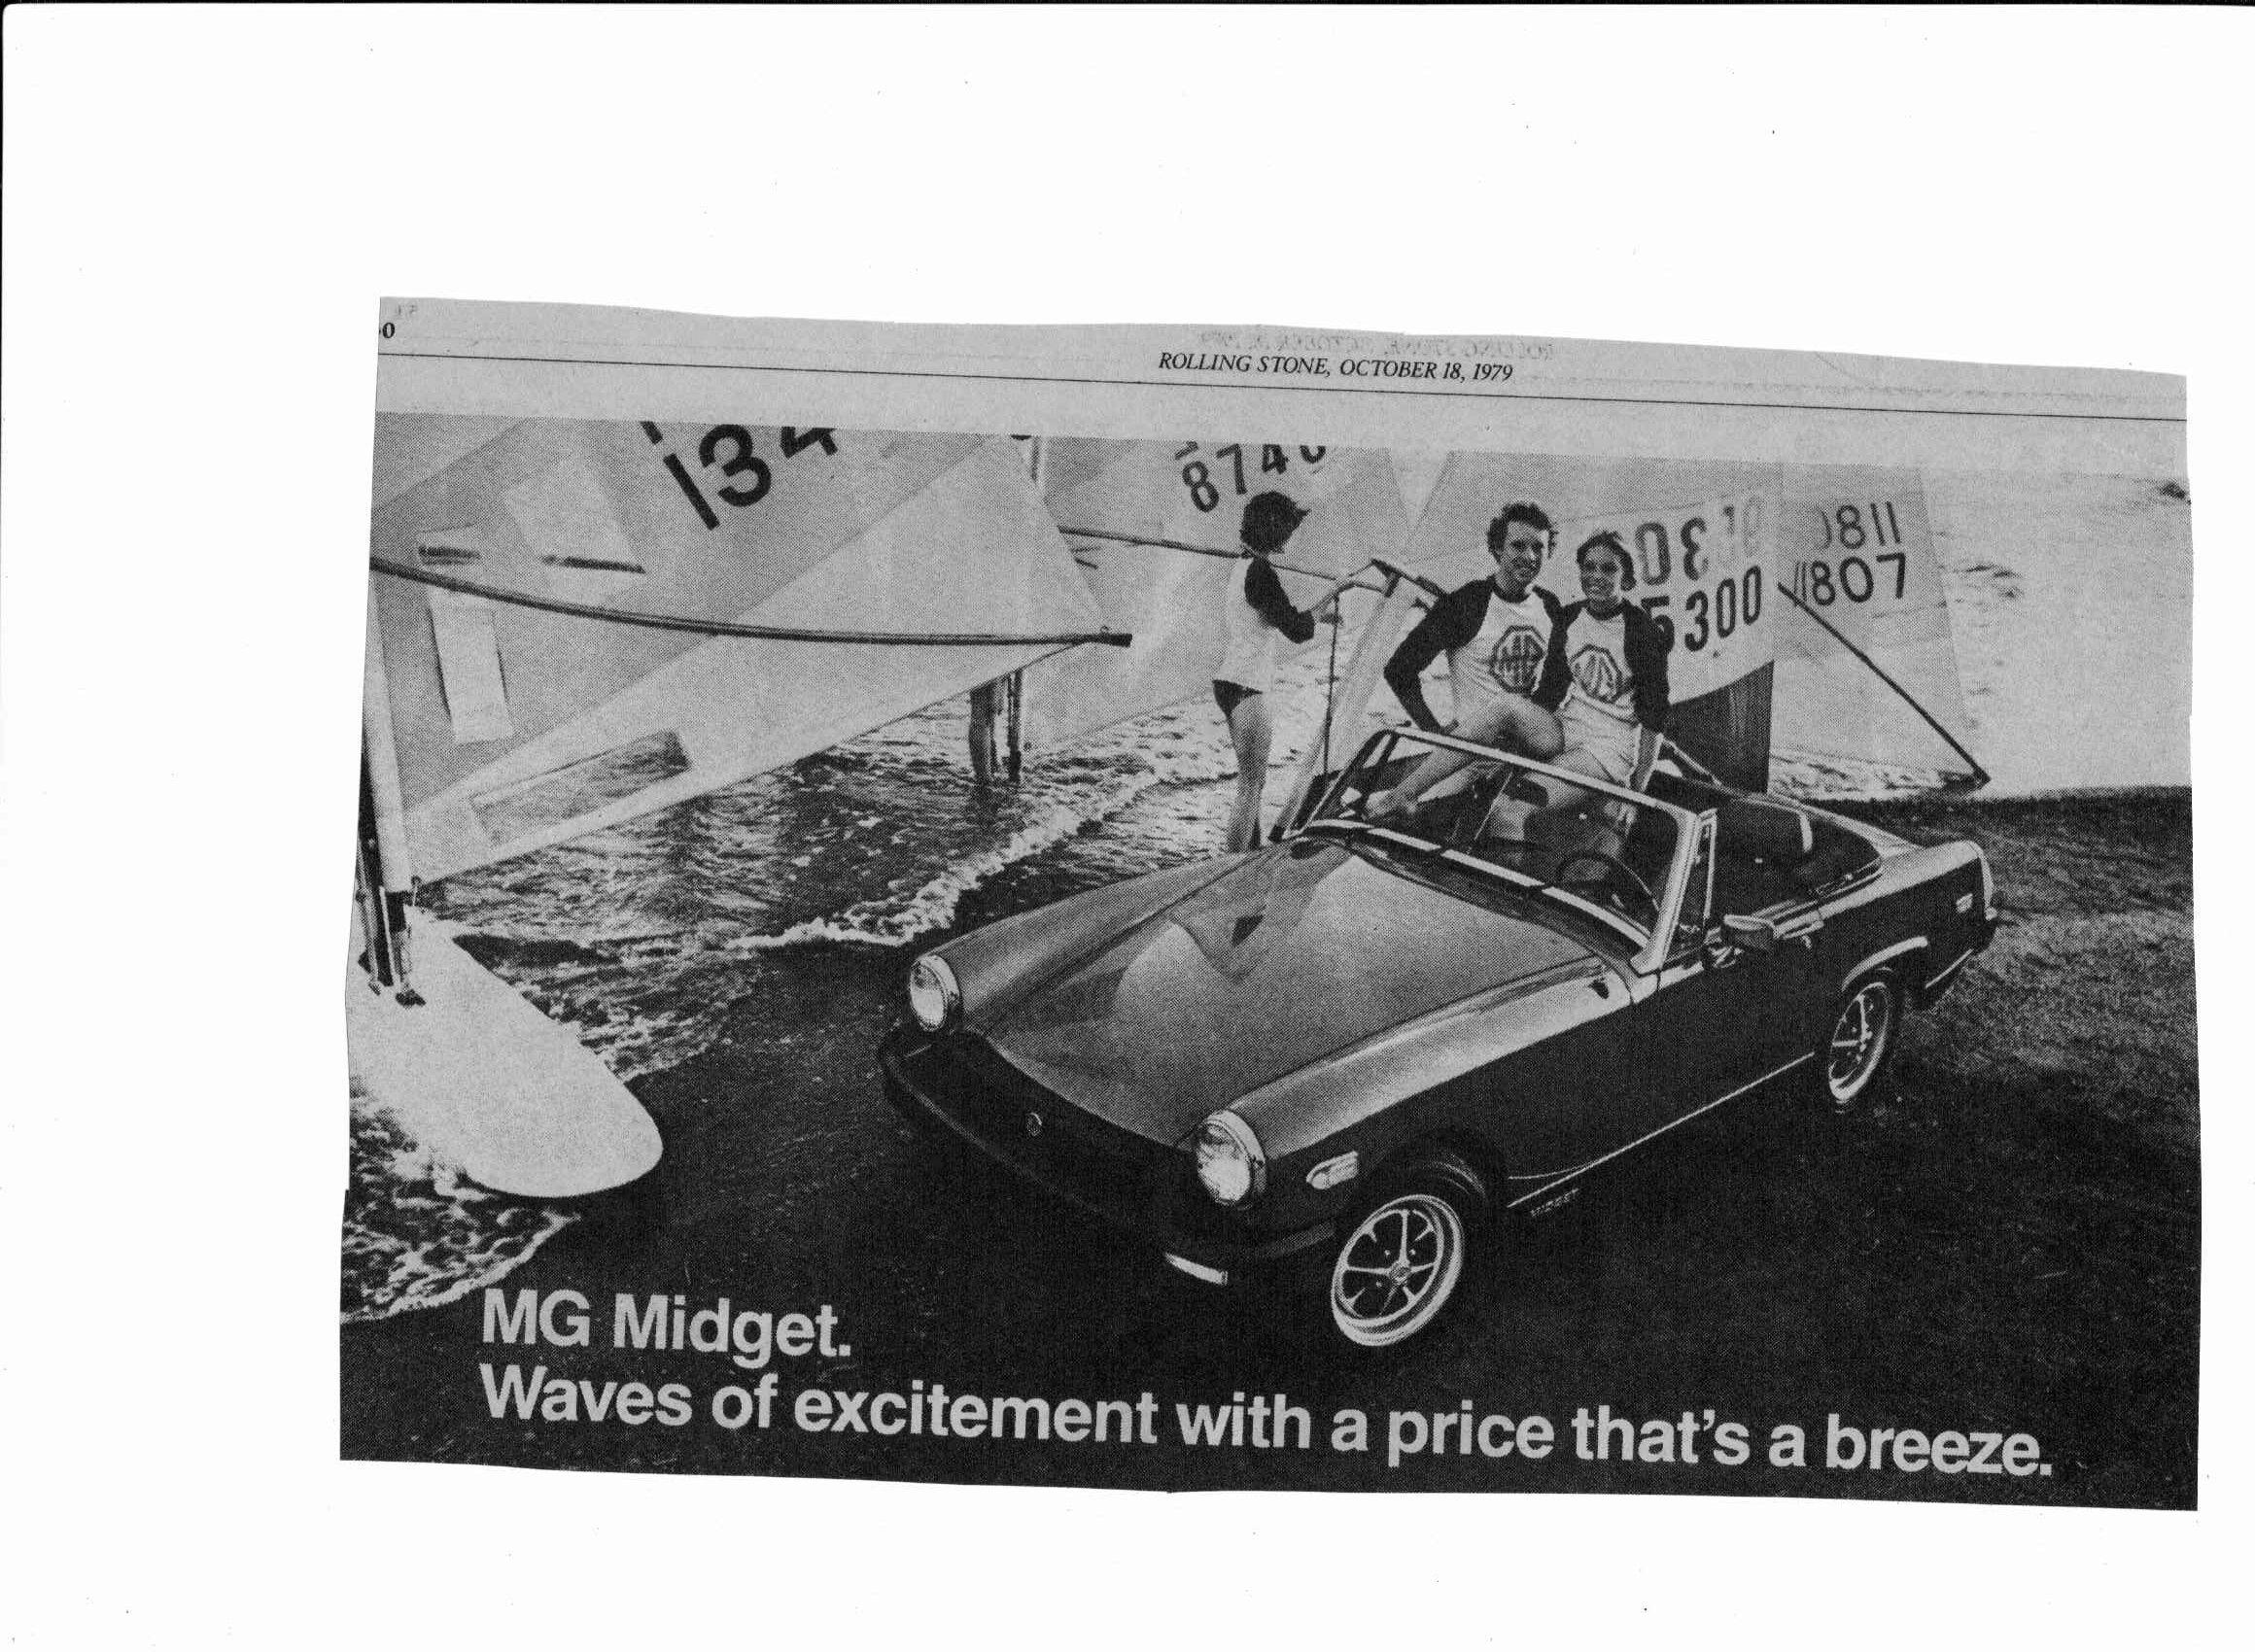 MG Midget | Roadster car, Mg cars, Mg midget